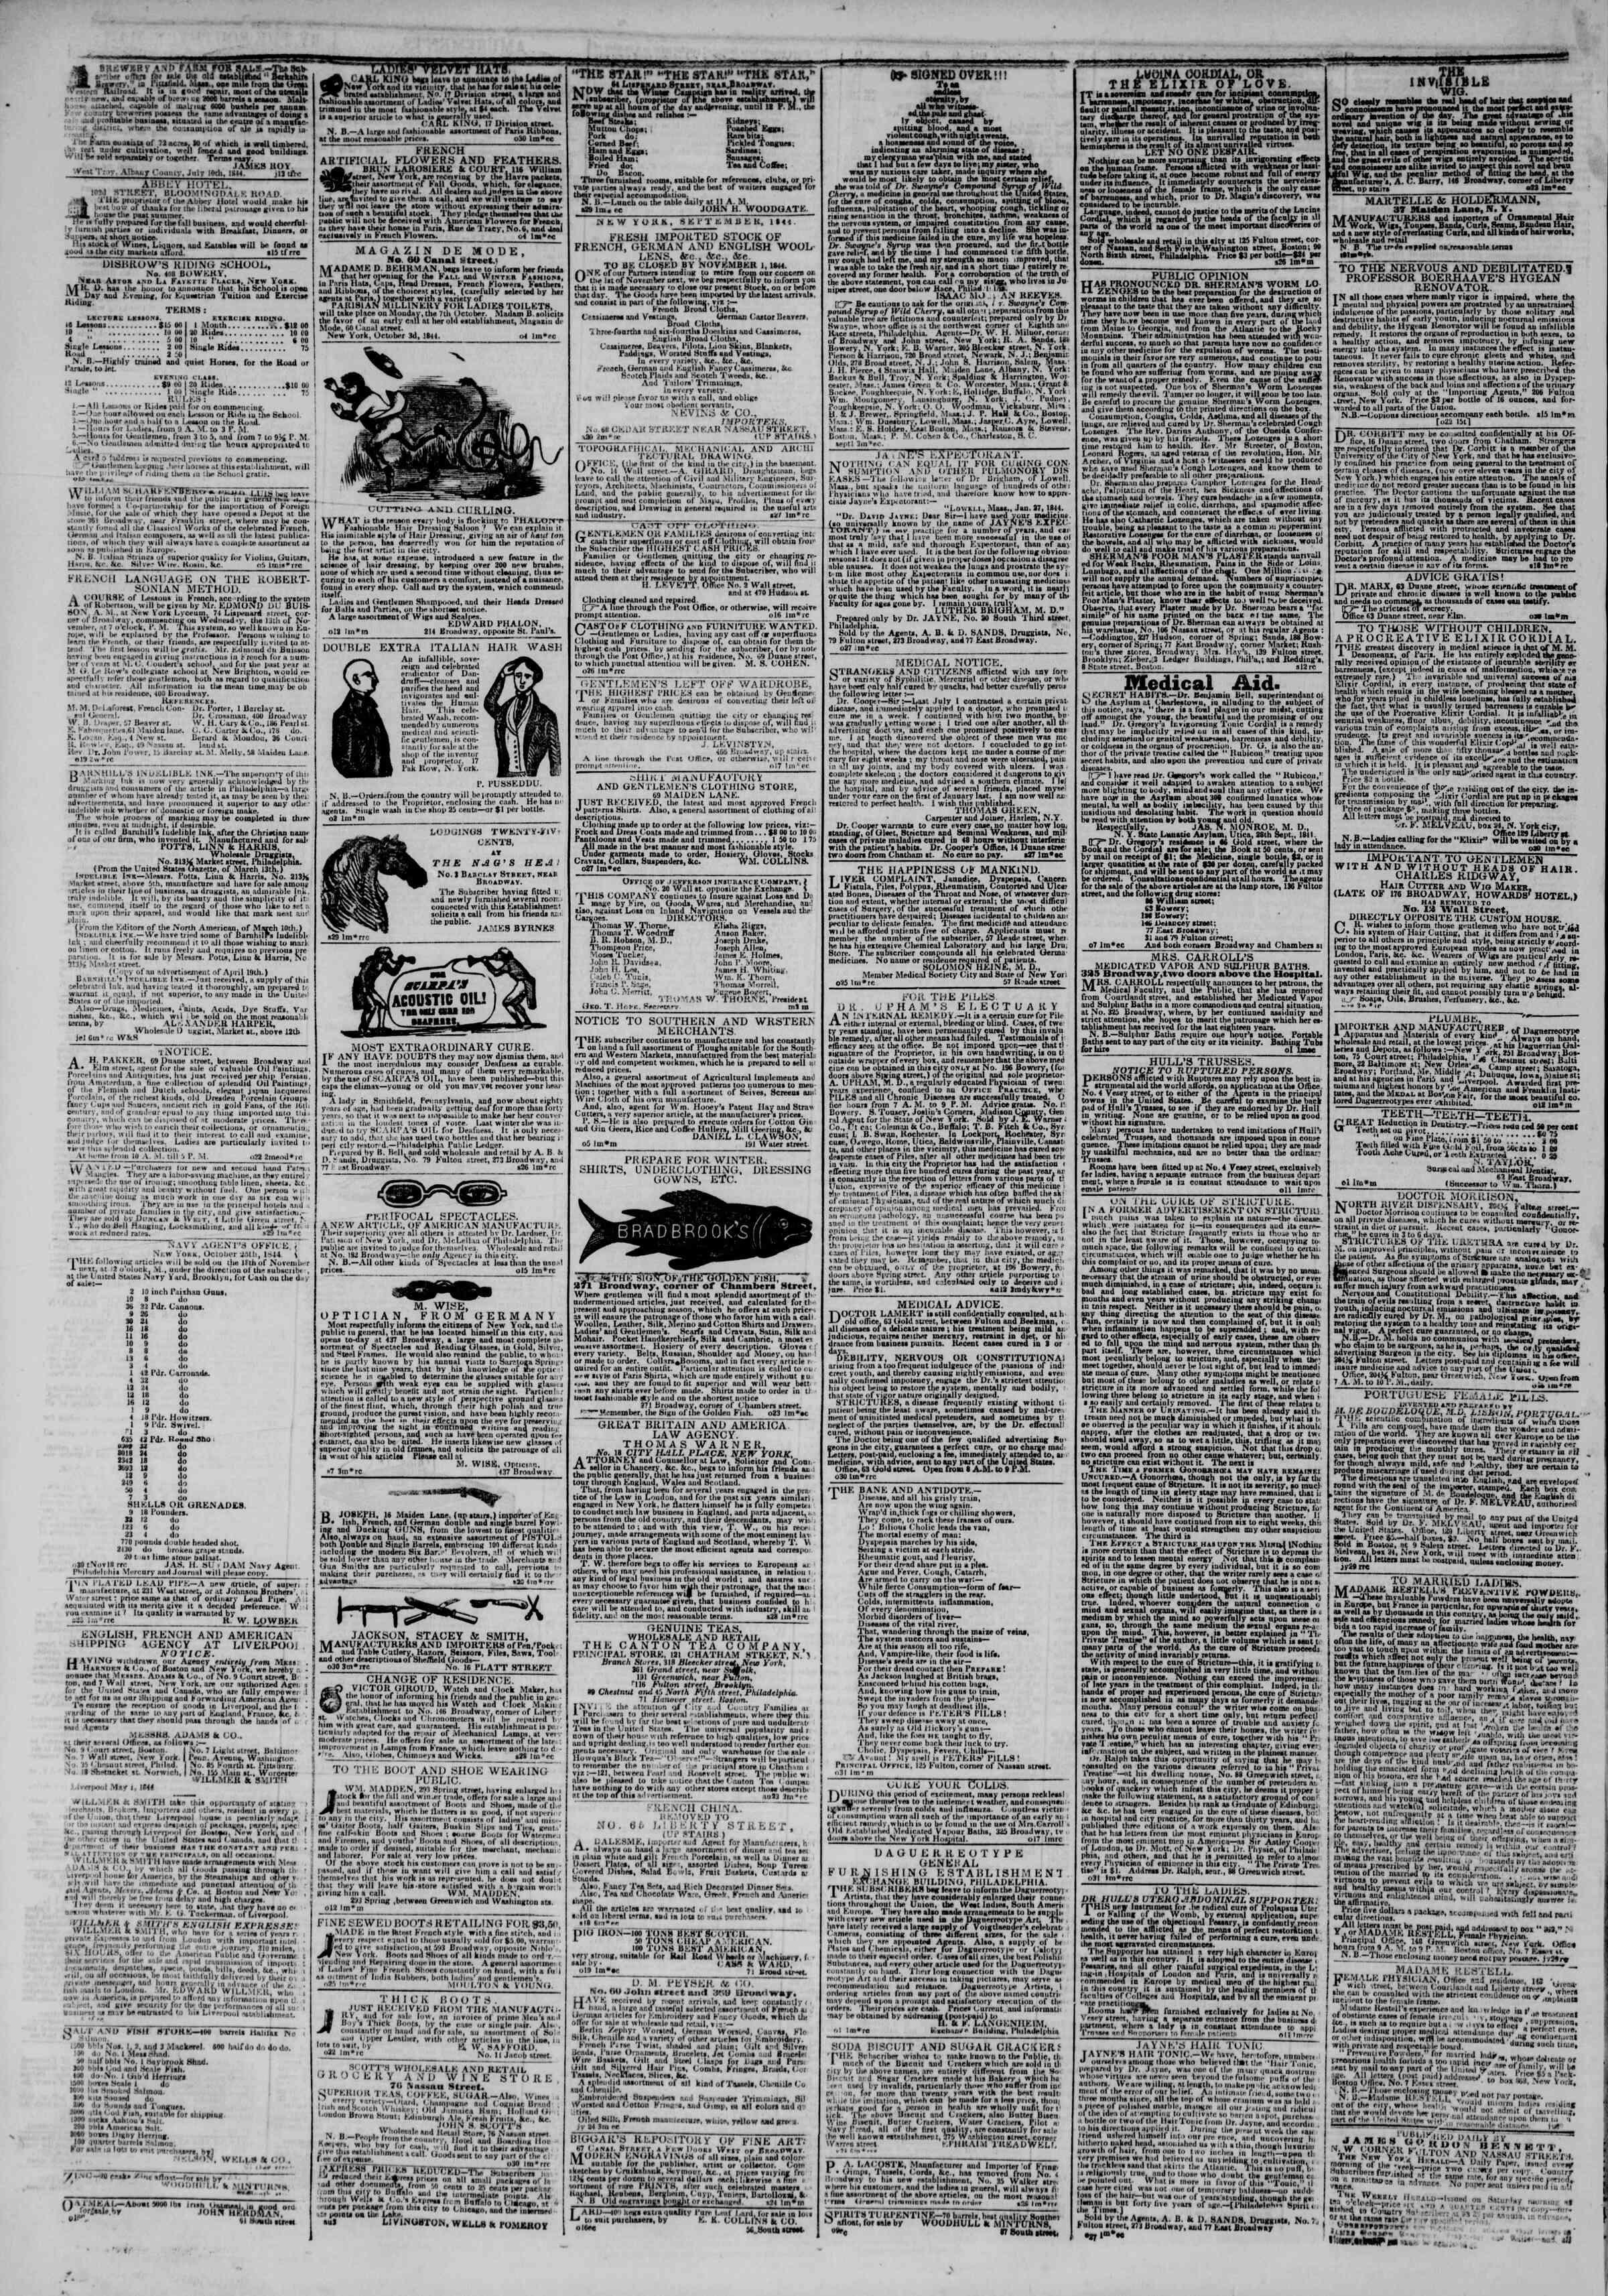 November 2, 1844 Tarihli The New York Herald Gazetesi Sayfa 4